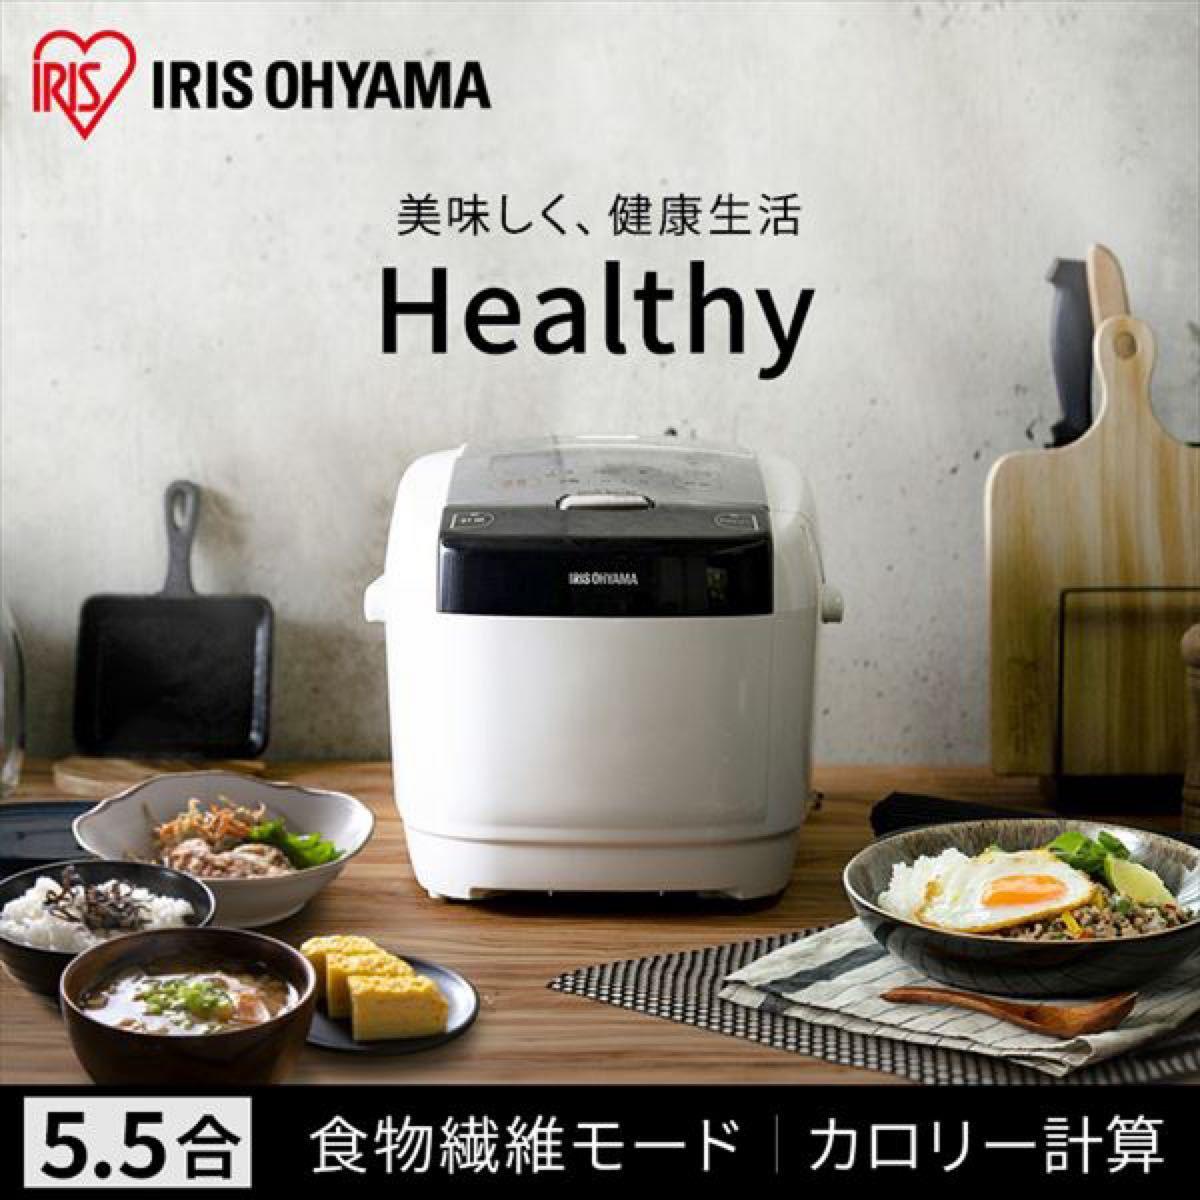 「新品未使用」アイリス 炊飯ジャー 5.5合 ih炊飯器 5.5合 アイリスオーヤマ 銘柄量り炊きIHジャー炊飯器